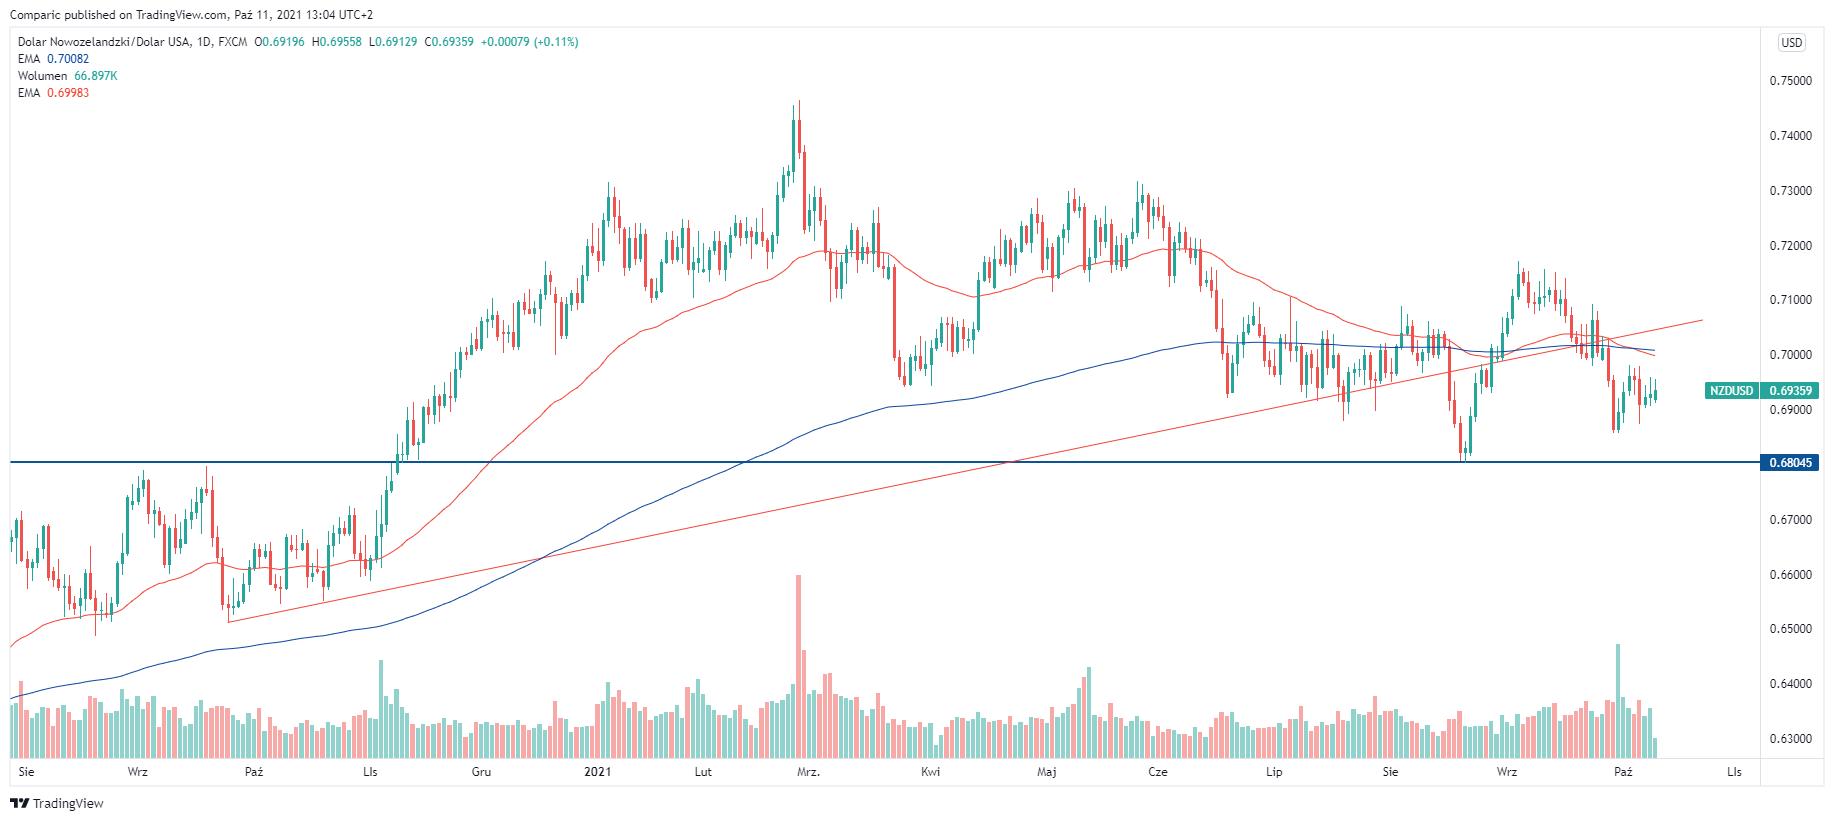 Dolar nowozelandzki. Kurs dolara NZD czeka spadek czy konsolidacja?